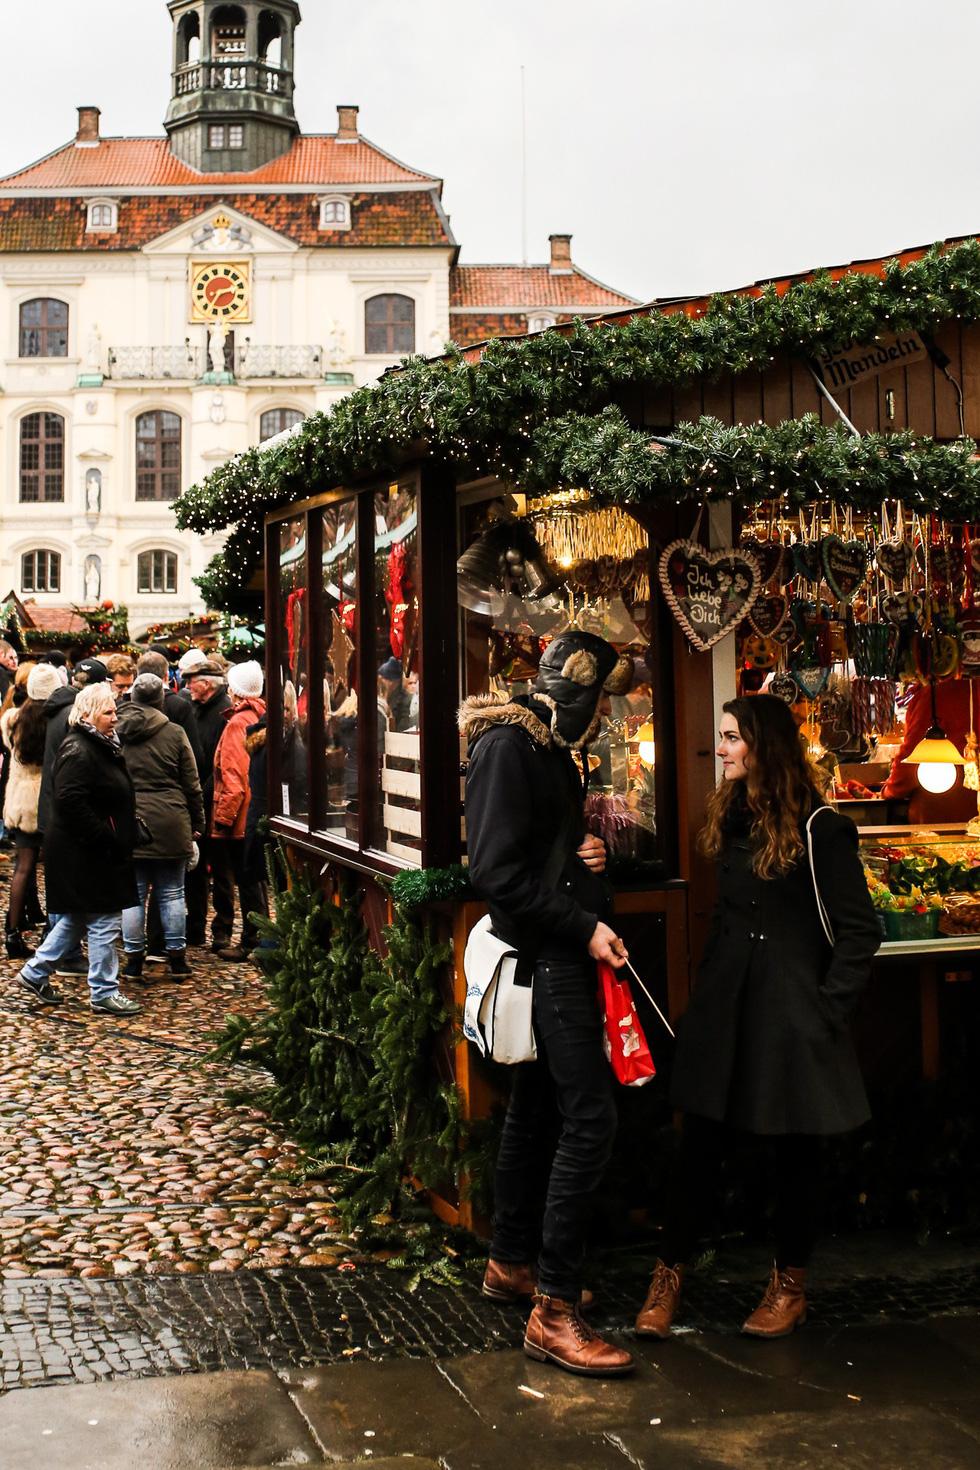 Đi chợ Giáng sinh trời Âu có gì vui? - Ảnh 23.